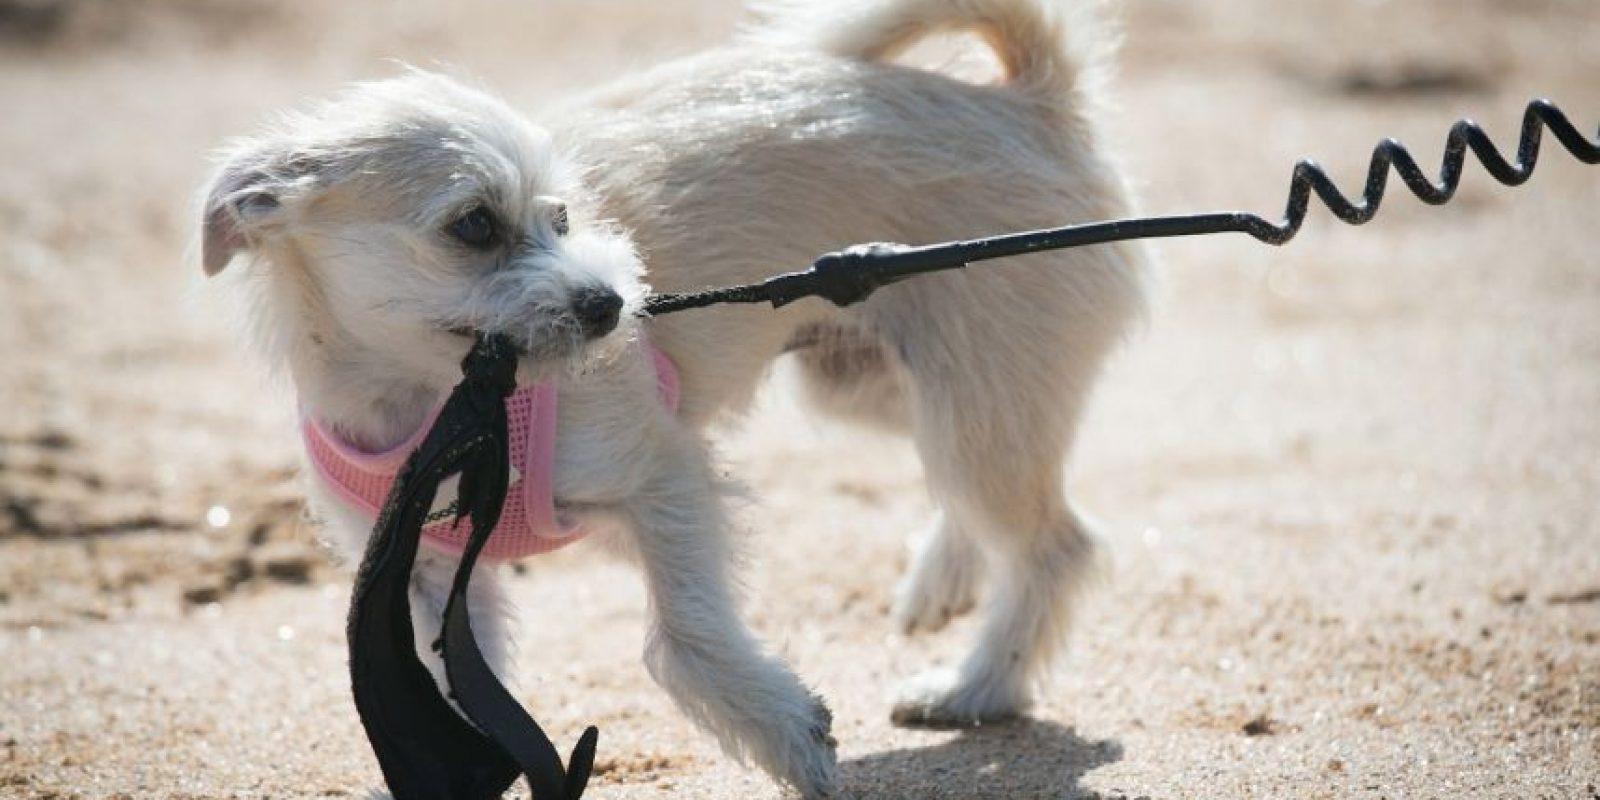 La práctica consiste en alimentar varios perros hasta el hartazgo, tapar su ano y colgarlos en una cuerda que les aprieta el estómago mientras gira. Foto:Getty Images